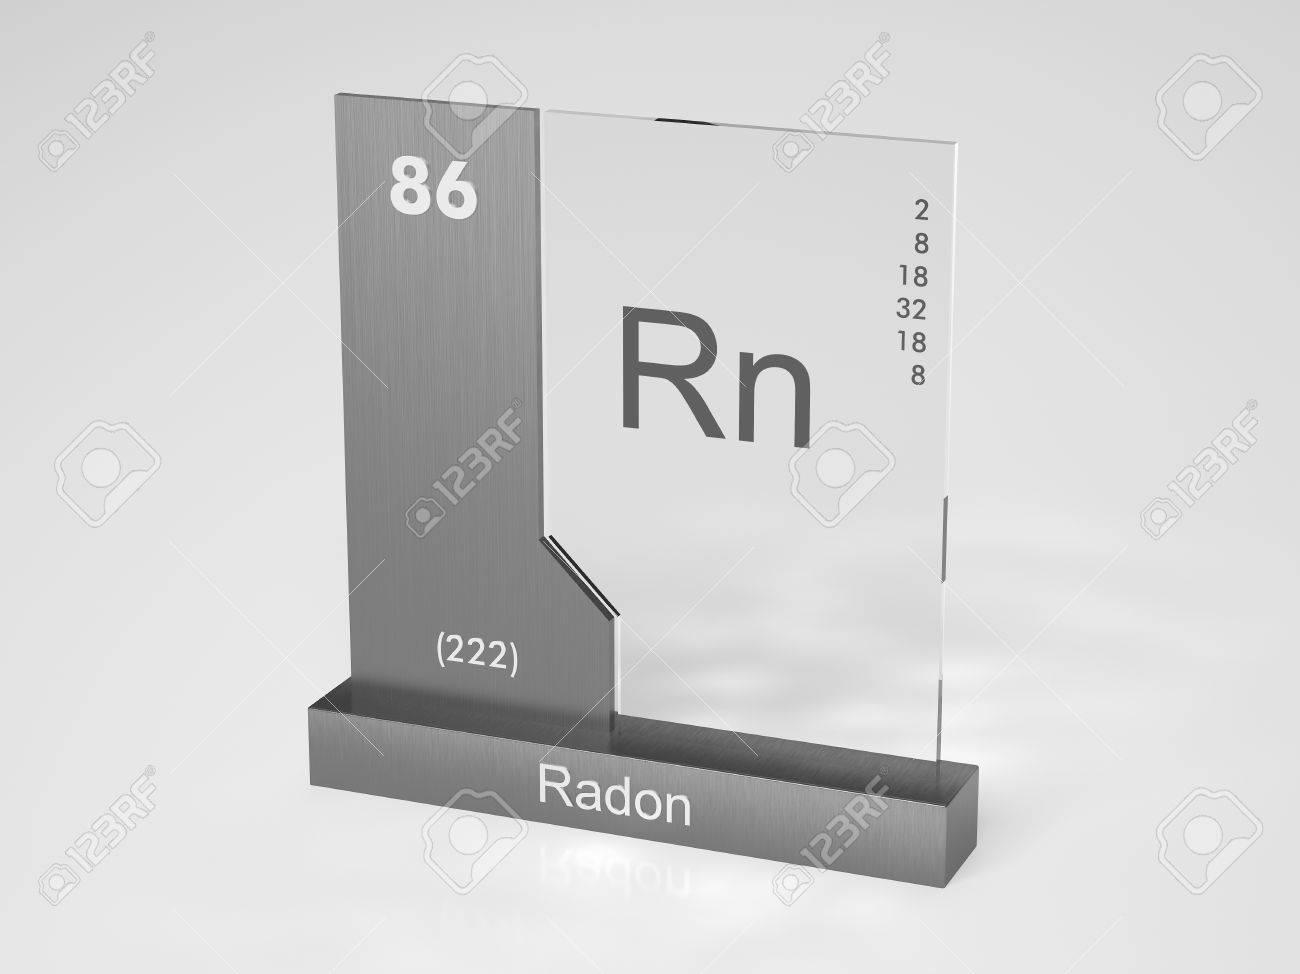 Radon smbolo rn elemento qumico de la tabla peridica fotos foto de archivo radon smbolo rn elemento qumico de la tabla peridica urtaz Gallery